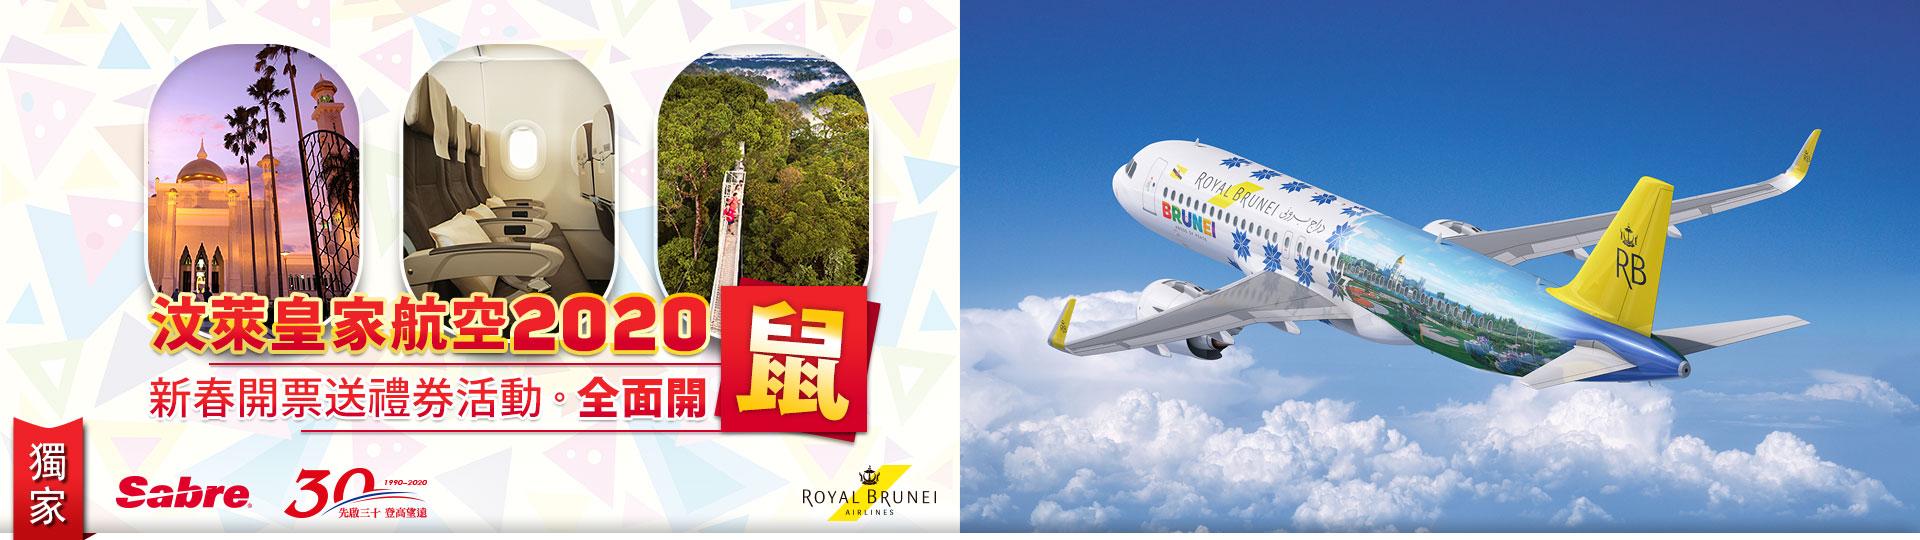 汶萊皇家航空2020 新春開票送禮券活動 全面開鼠